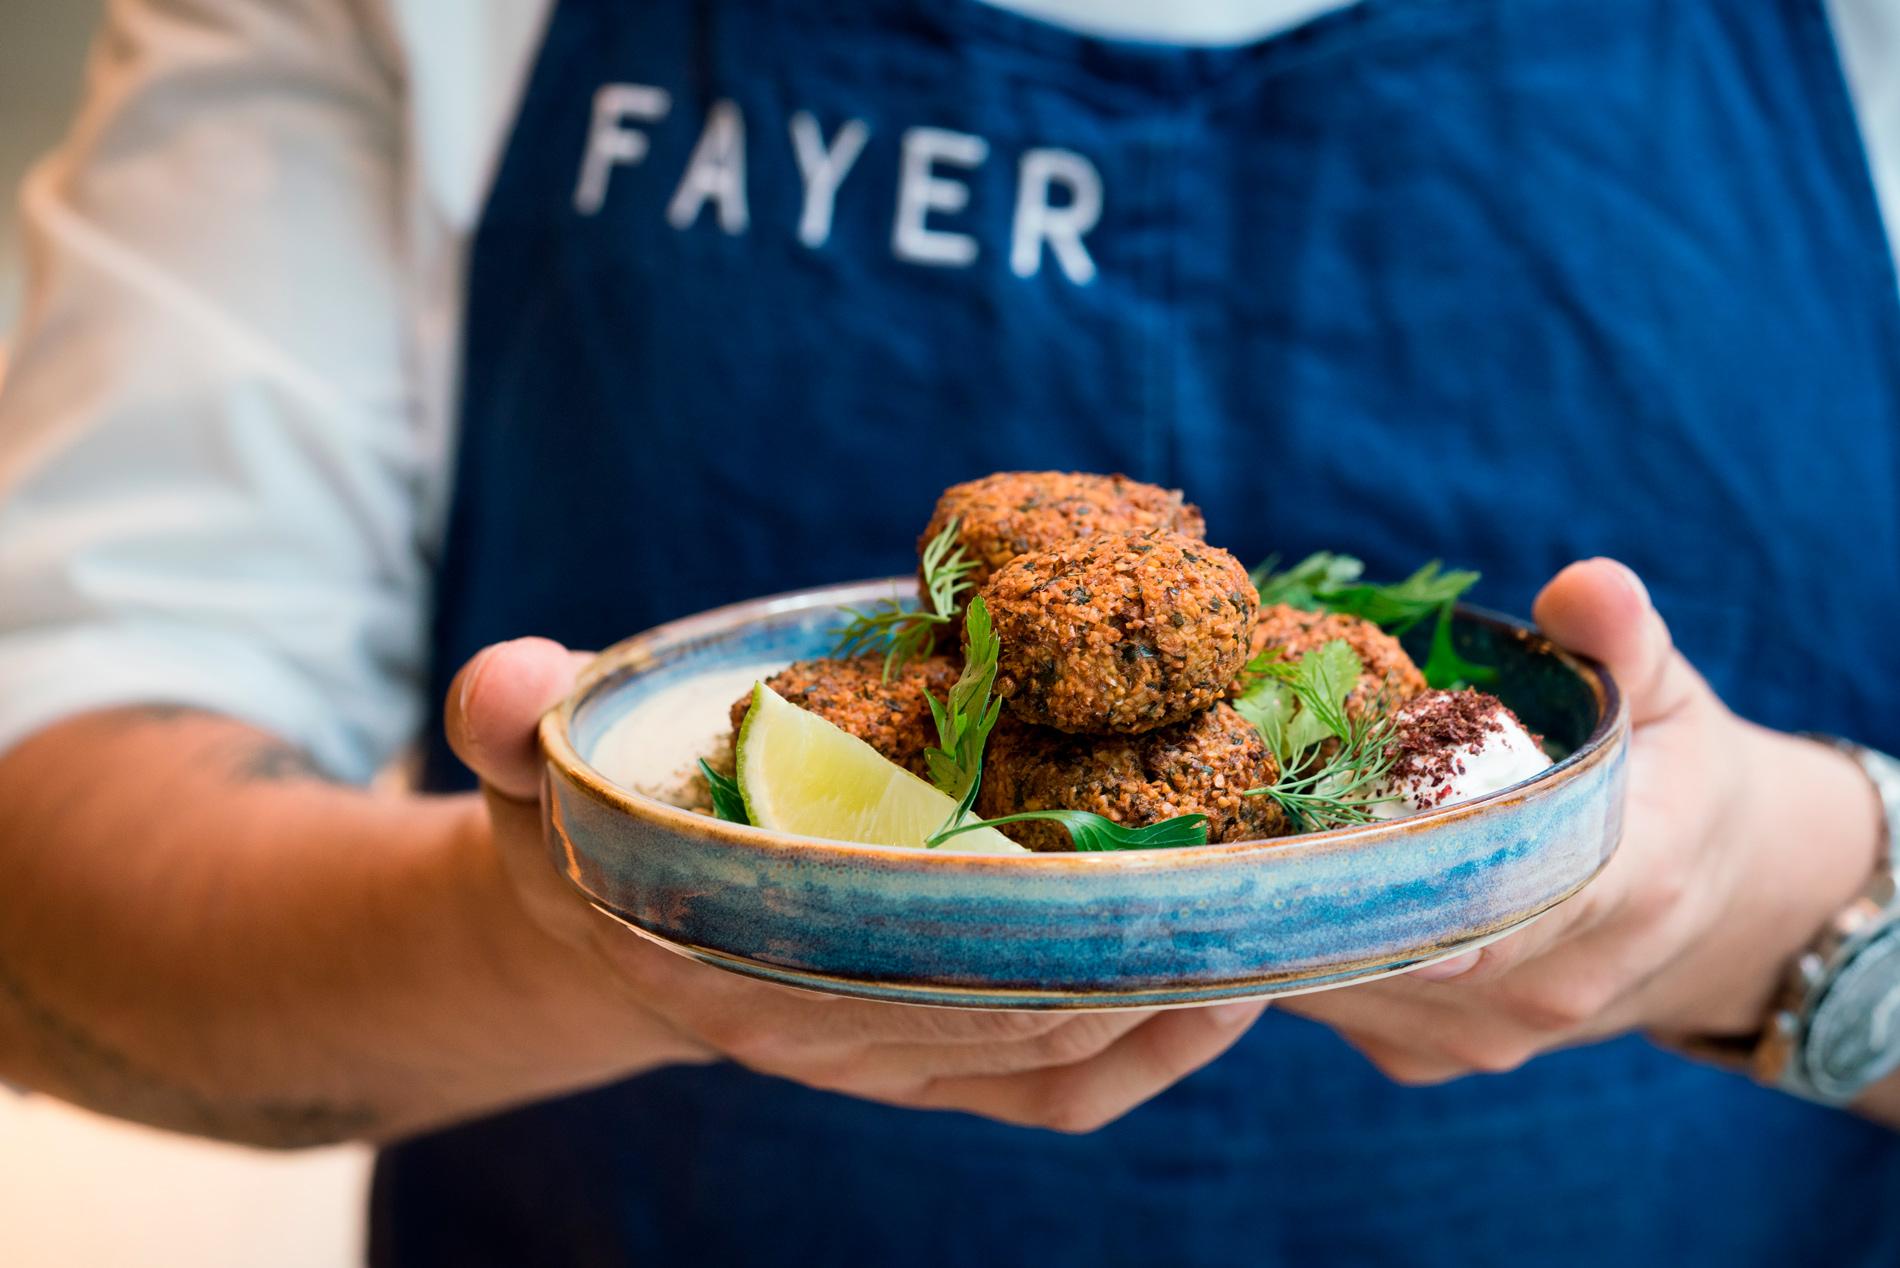 Receta para elaborar un espectacular Falafel (Restaurante Fayer)